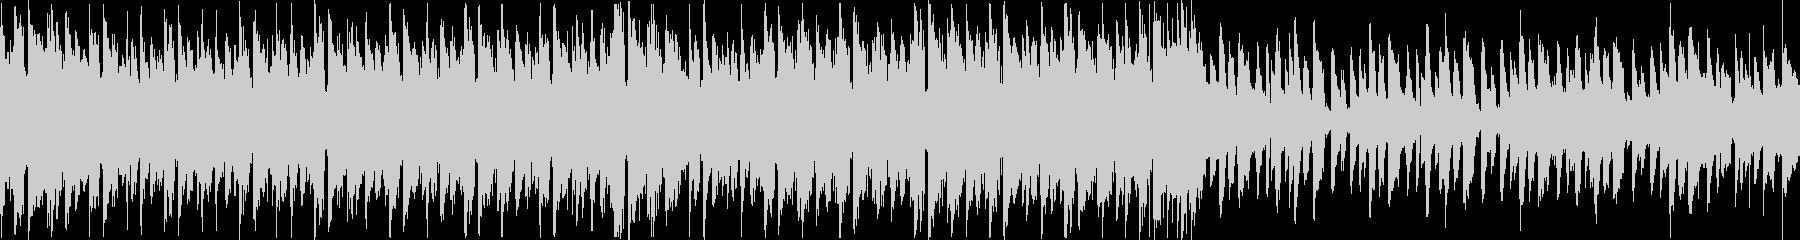 【コーラスなし/ループ】EDMアンセムの未再生の波形